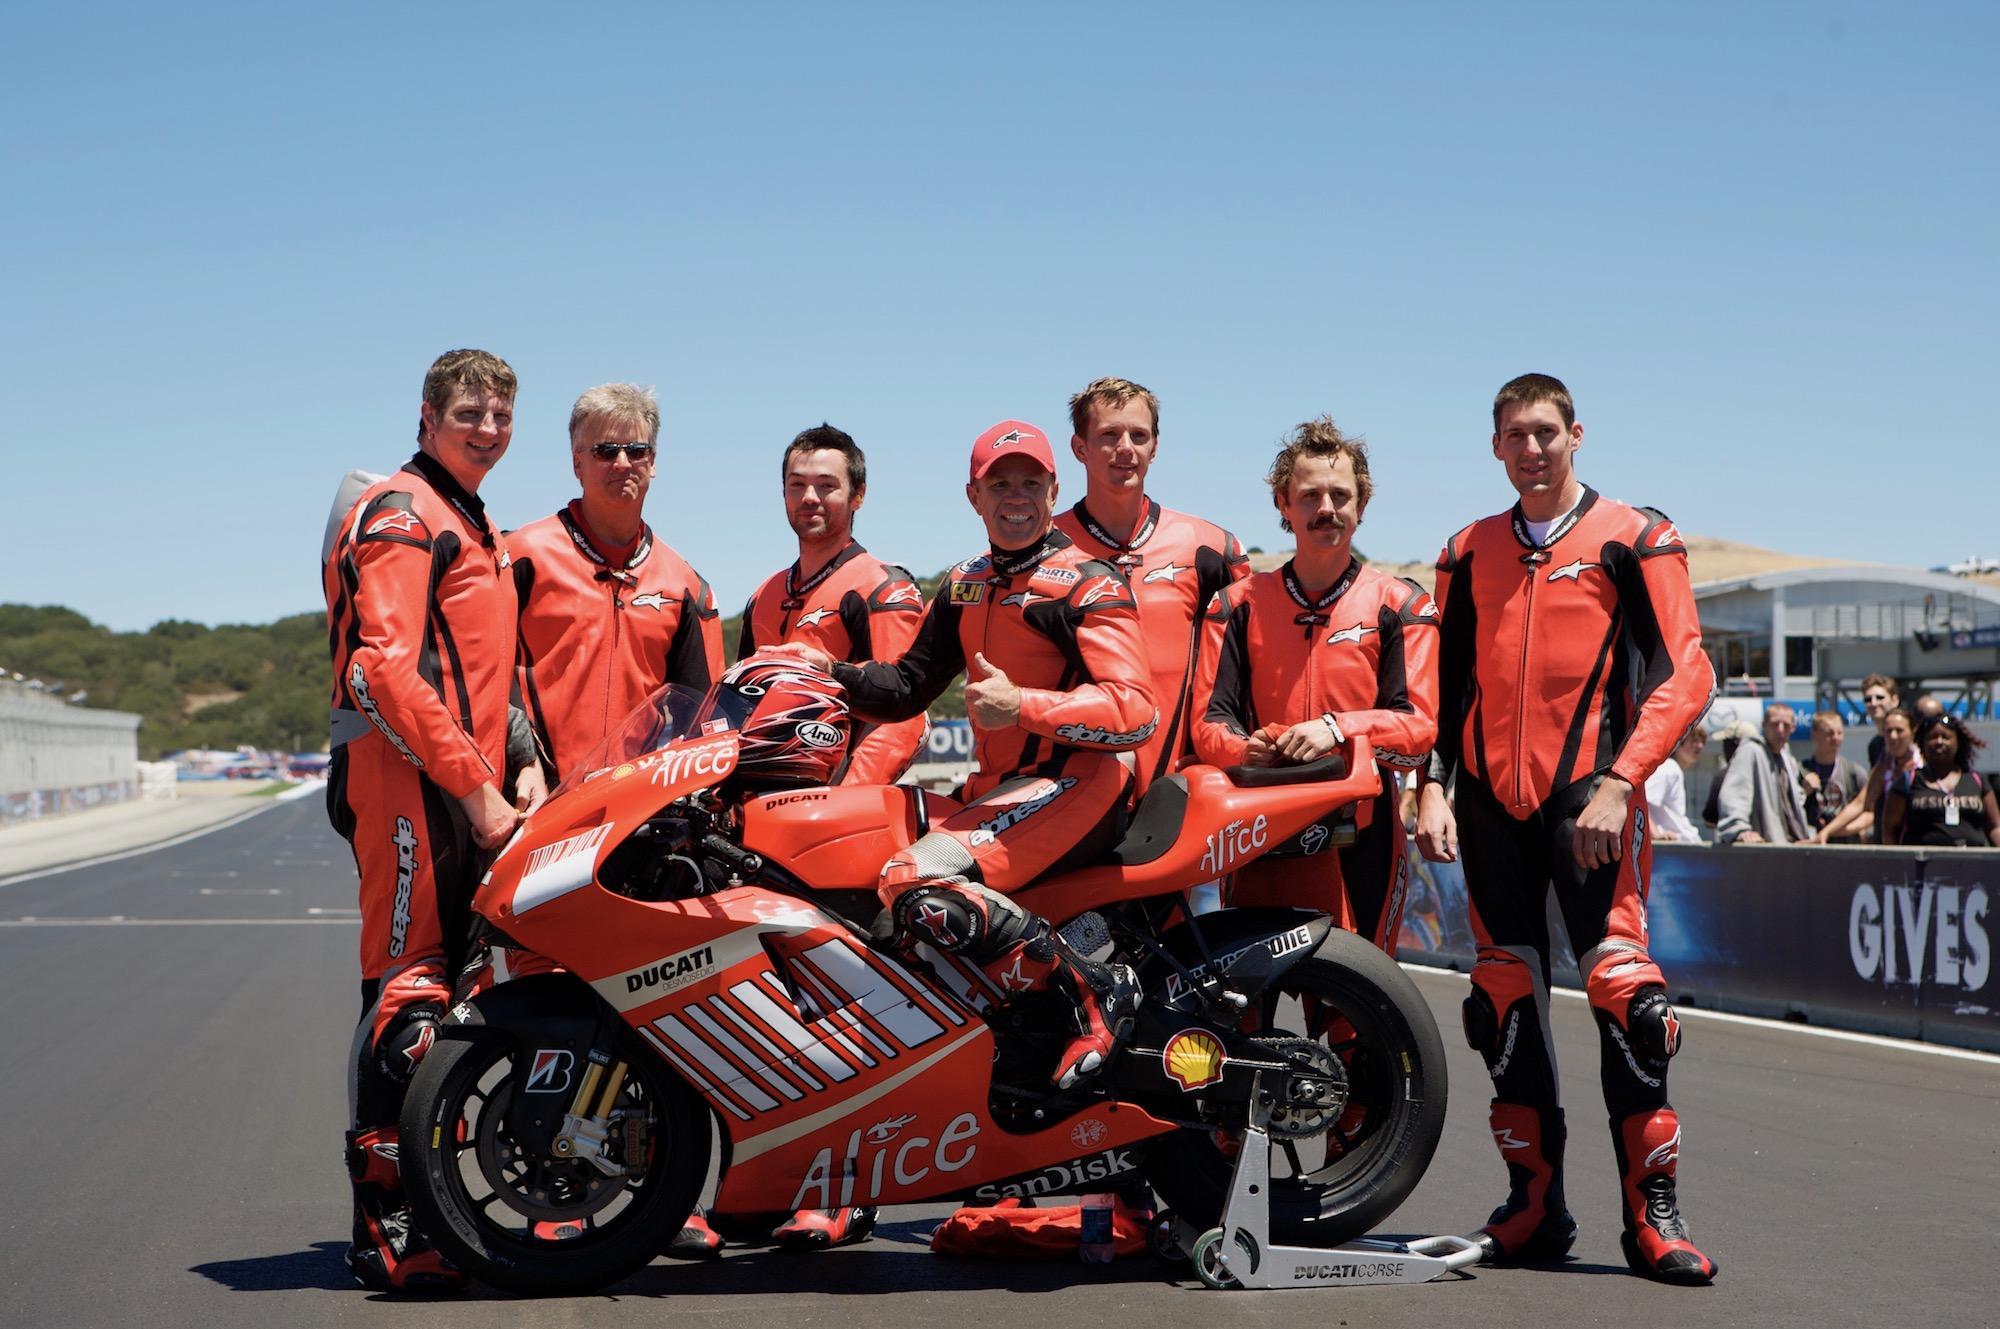 July 22, 2007 MotoGP Laguna Seca